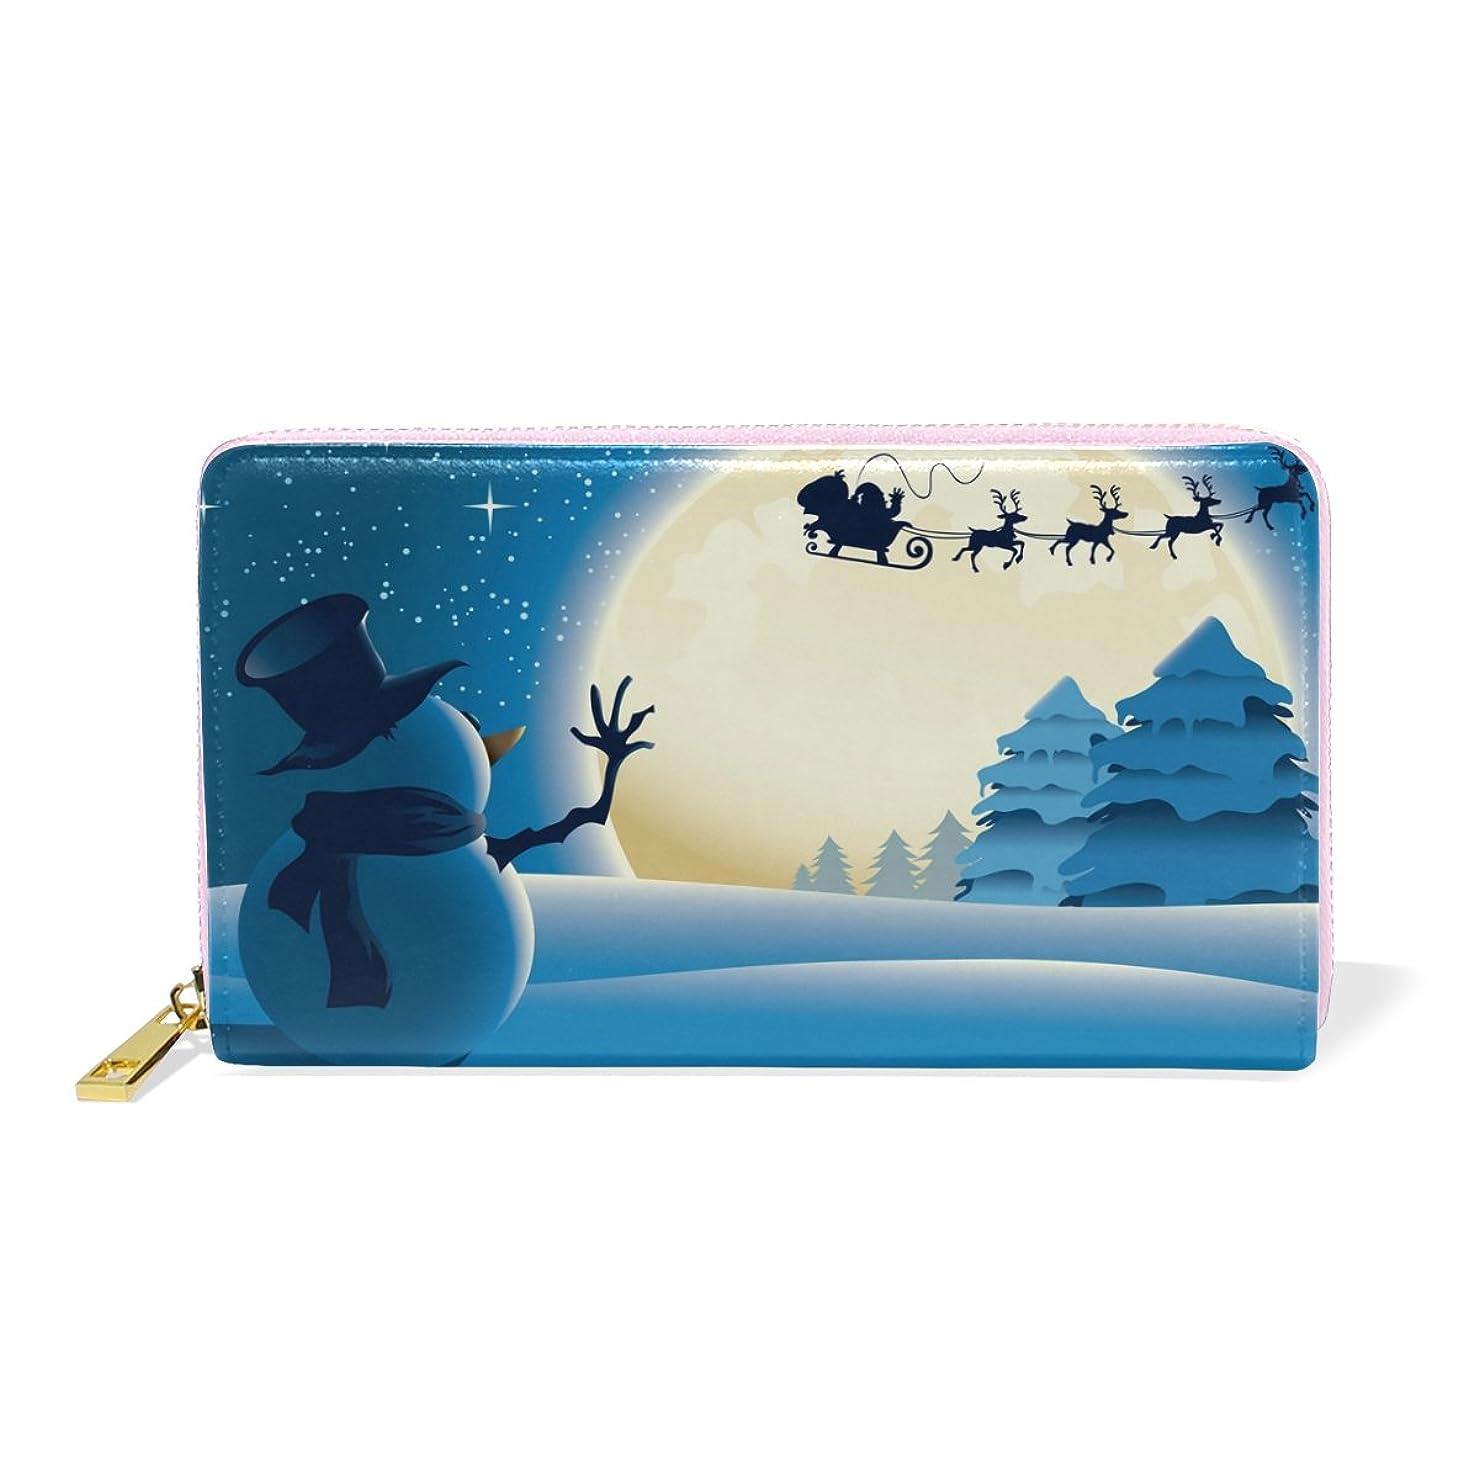 コークス居眠りするお願いしますAOMOKI 財布 長財布 レディース 本革 大容量 ラウンドファスナー 通勤 通学 雪だるま しか ムン クリスマス